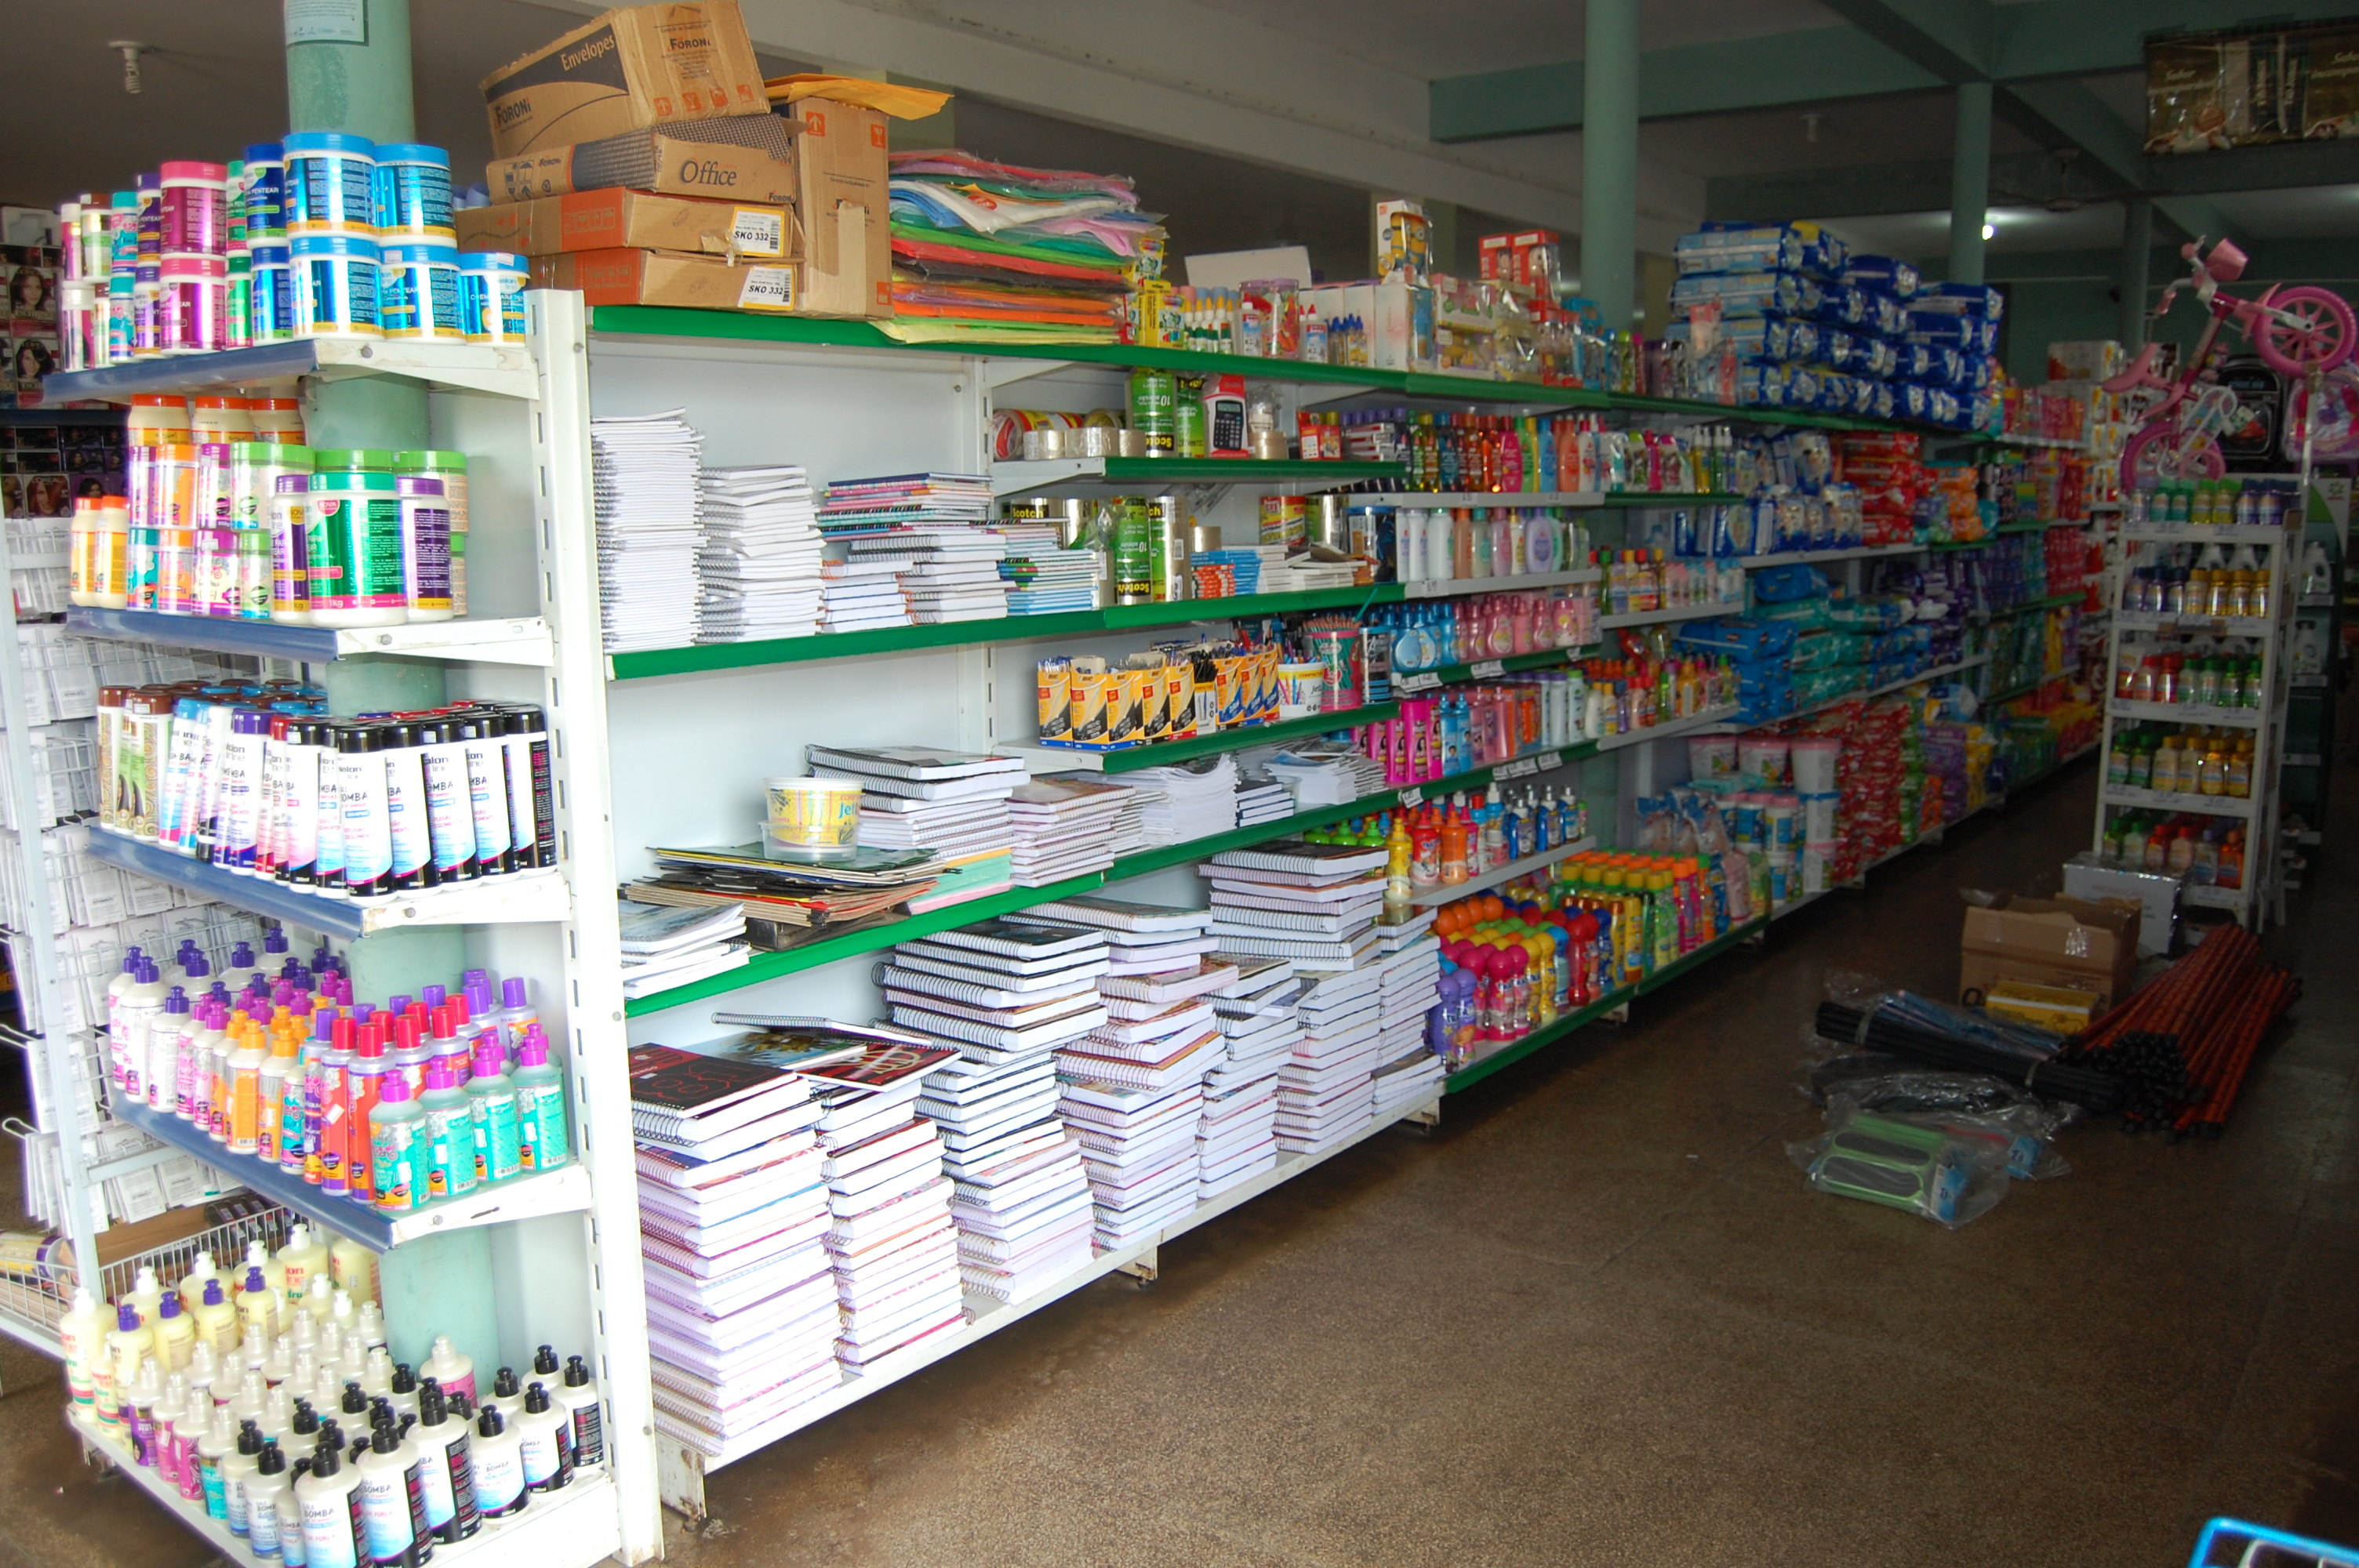 Supermercado Martins (10)